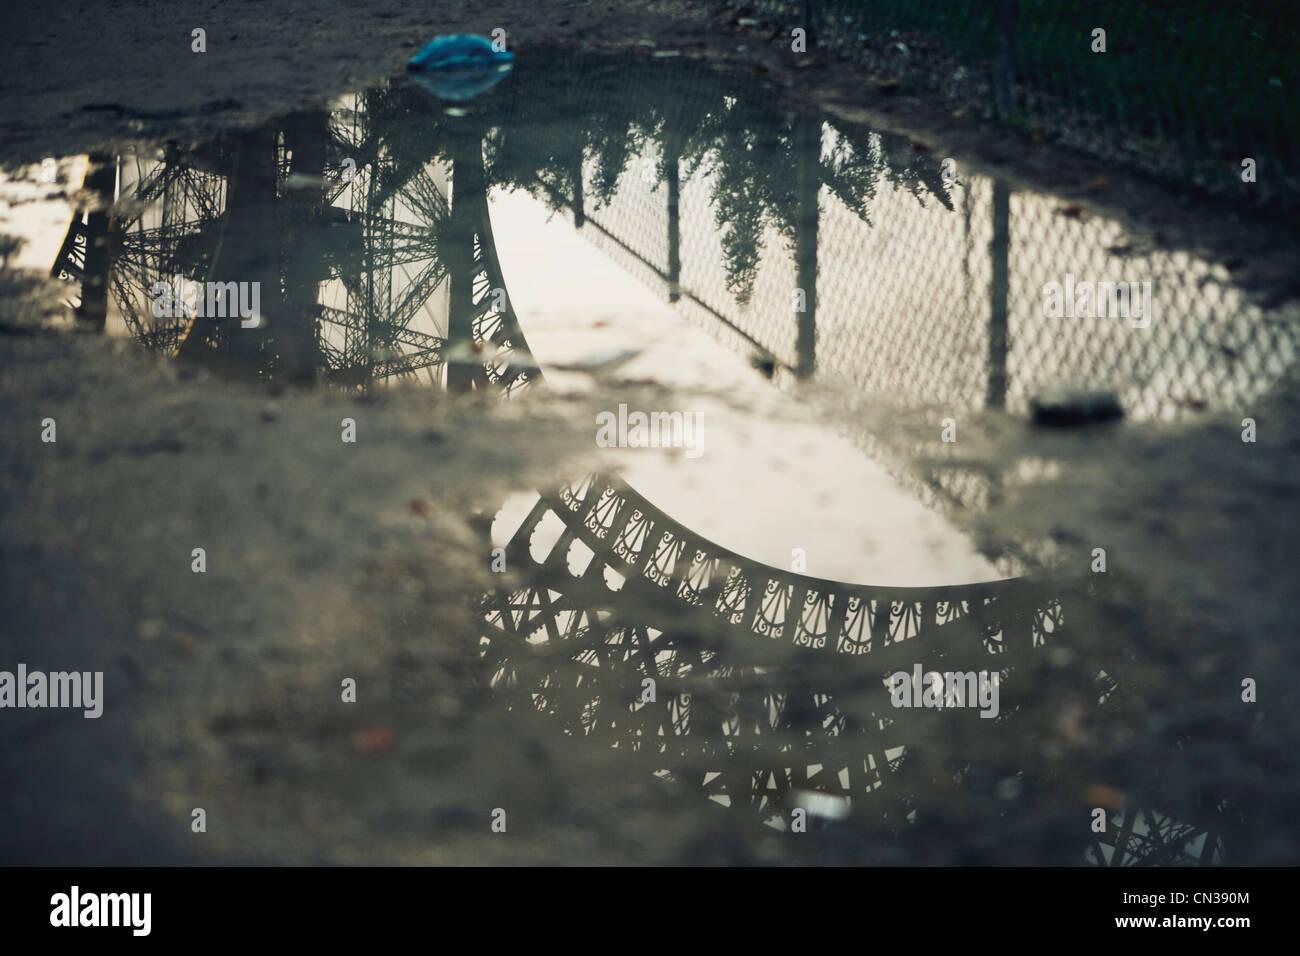 Eiffelturm, spiegelt sich in der Pfütze Stockbild